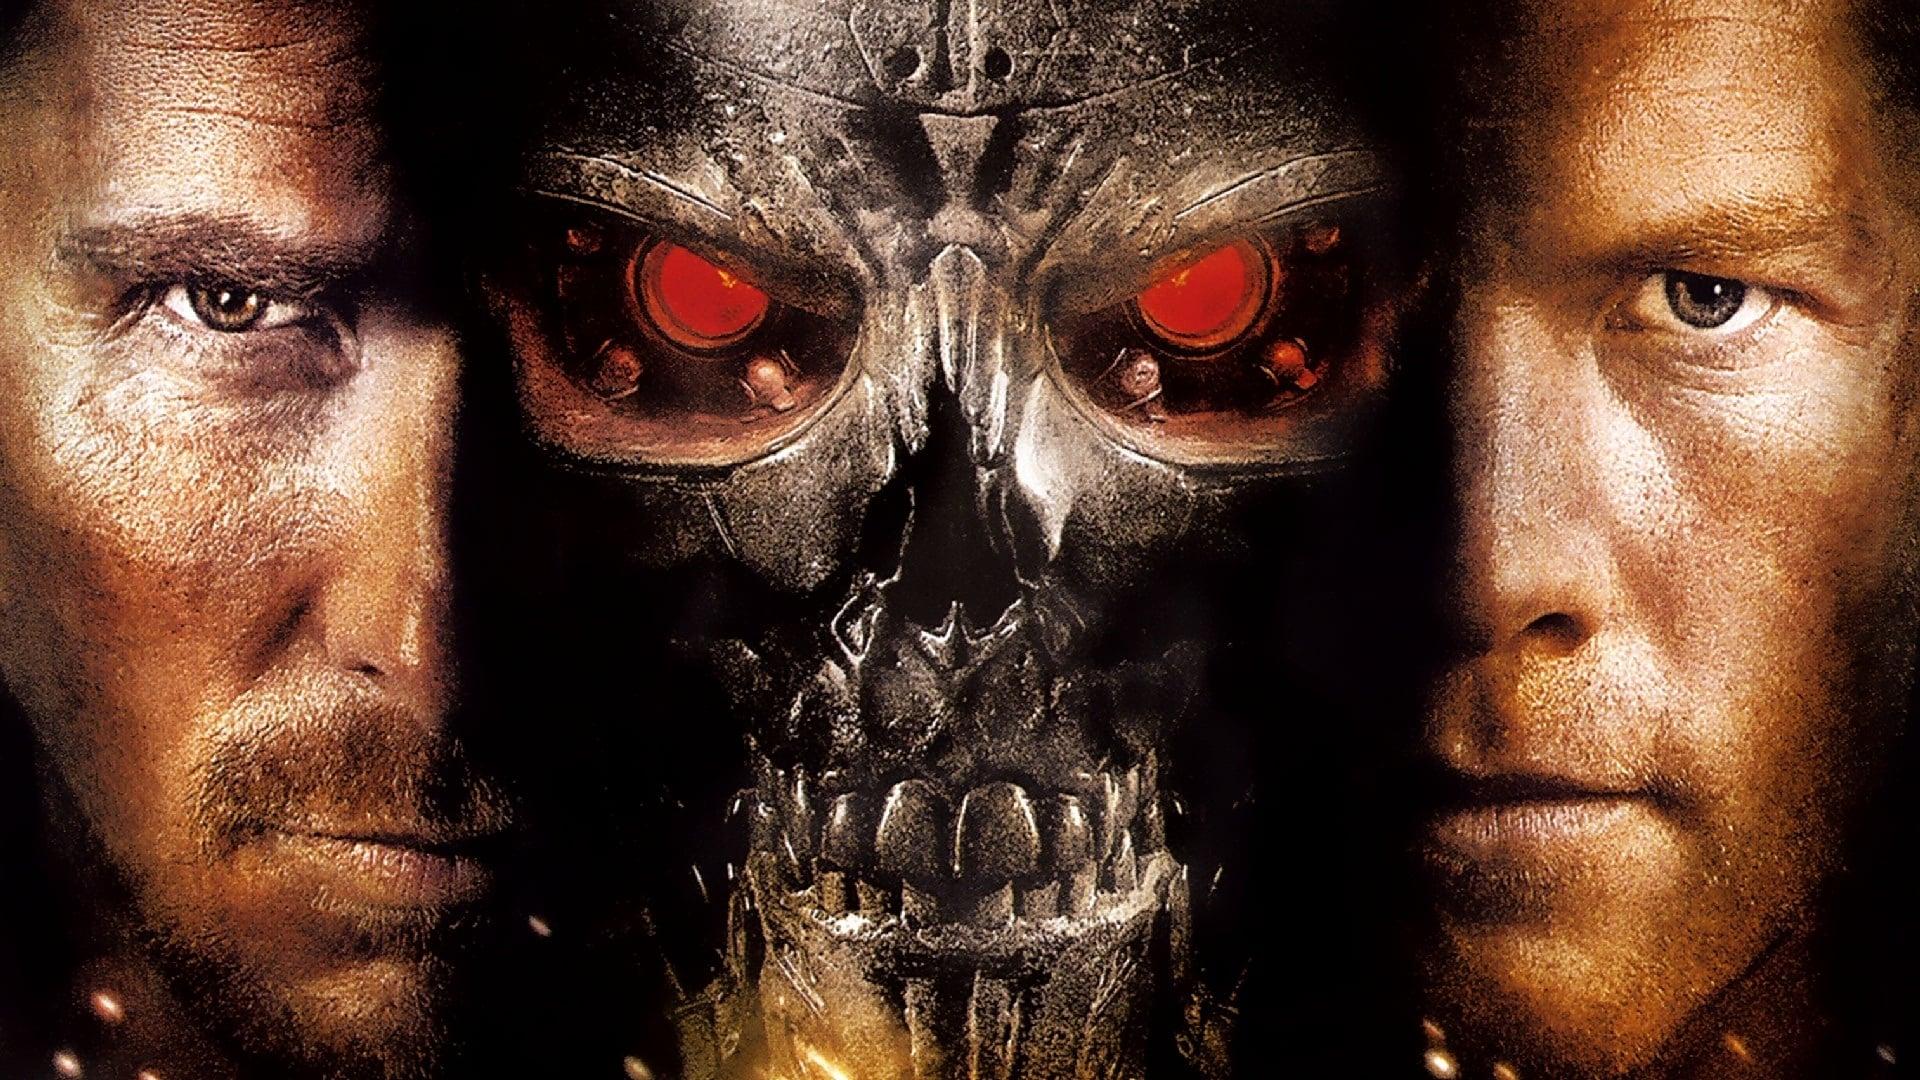 คนเหล็ก ภาค 4 (Terminator 4)